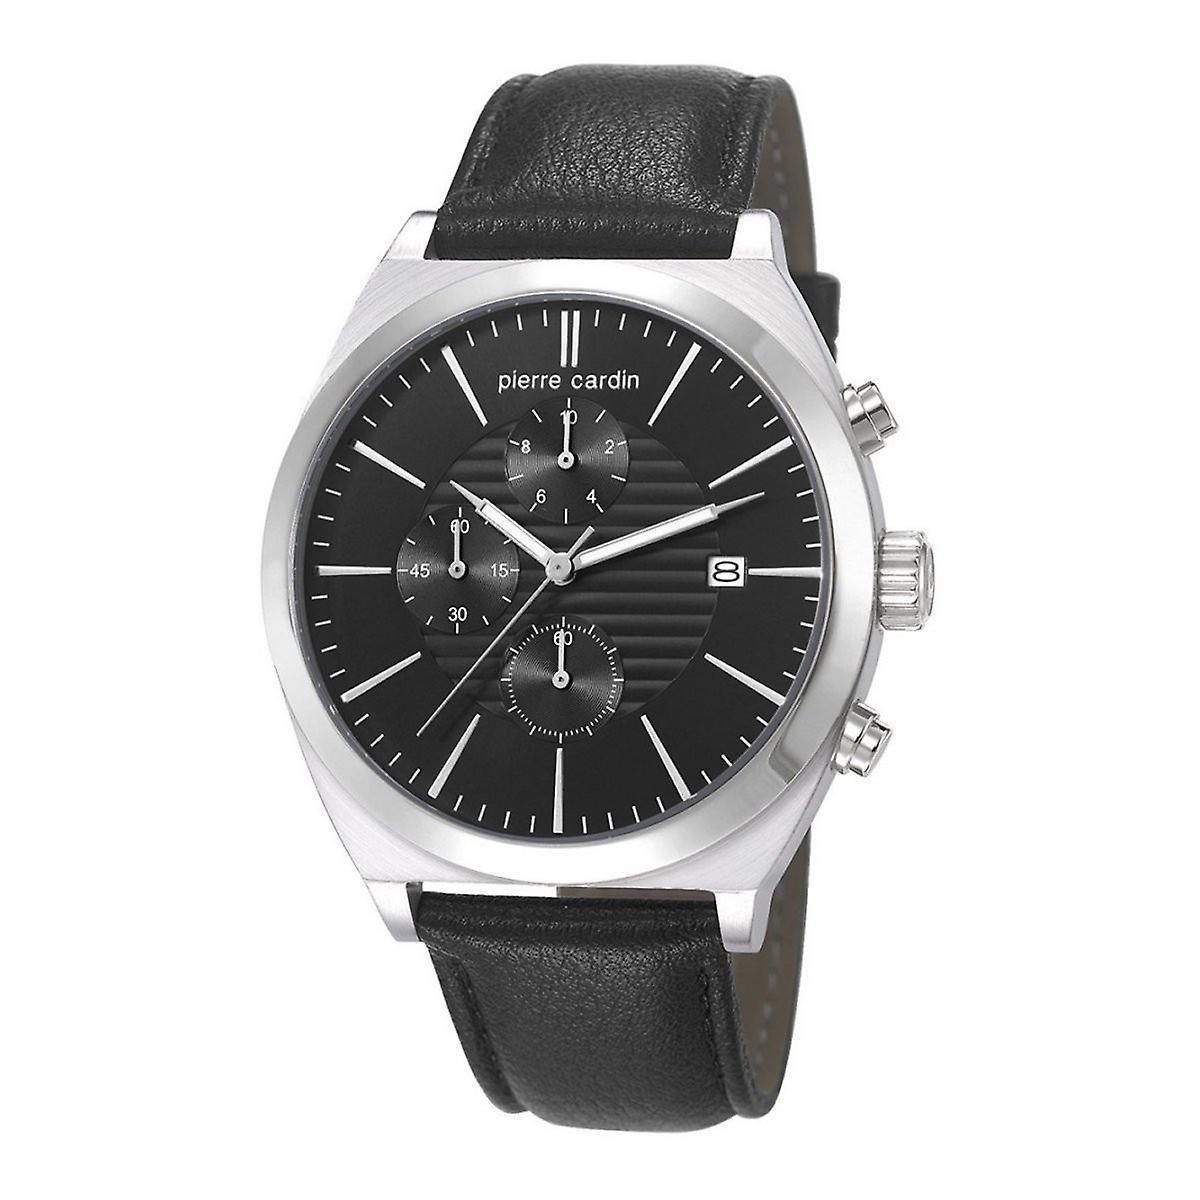 Pierre Cardin Herren Uhr Armbanduhr Chrono CAMBRONNE Leder PC106701F02